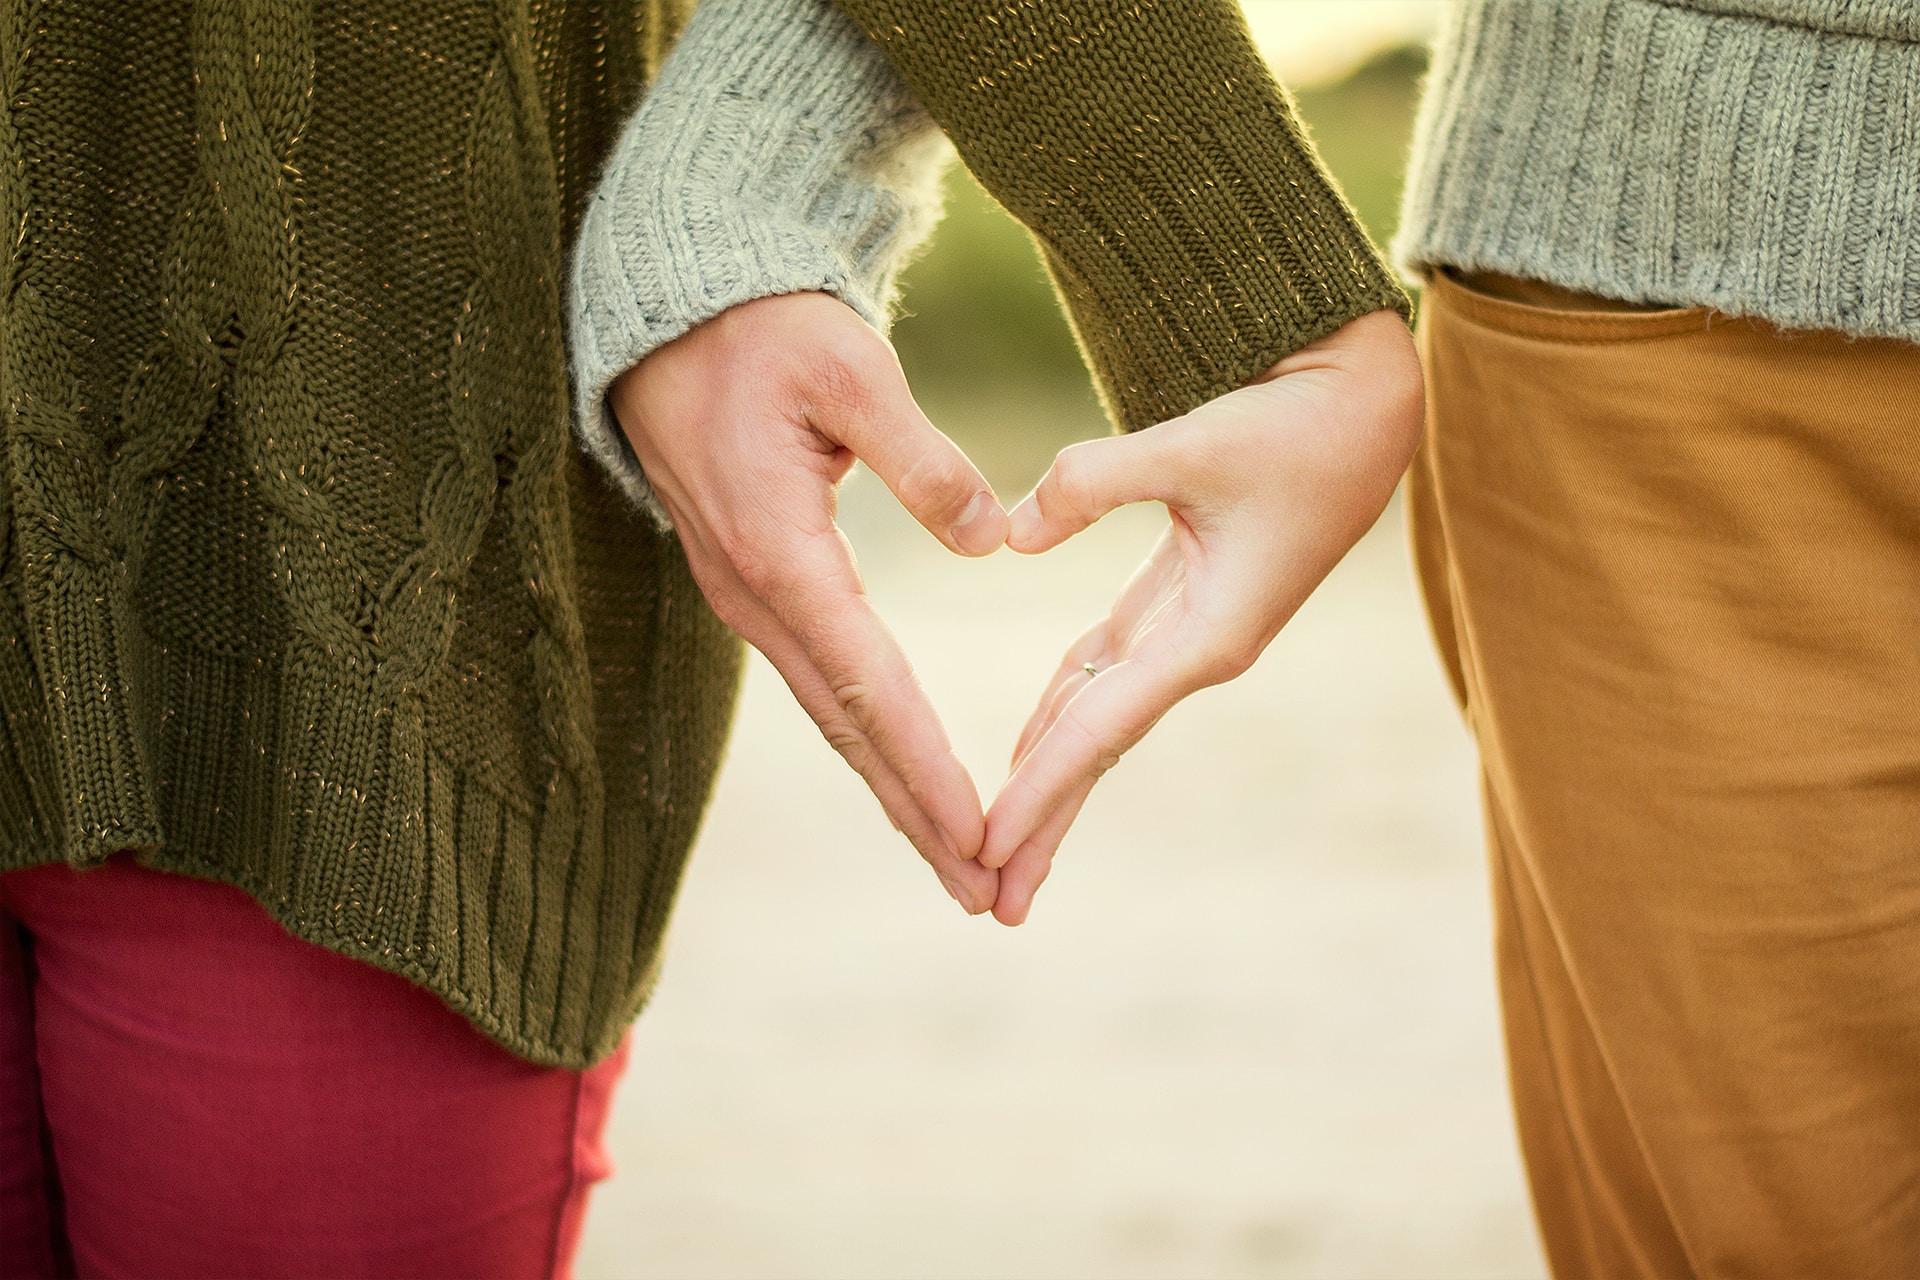 χτίζοντας μια σχέση